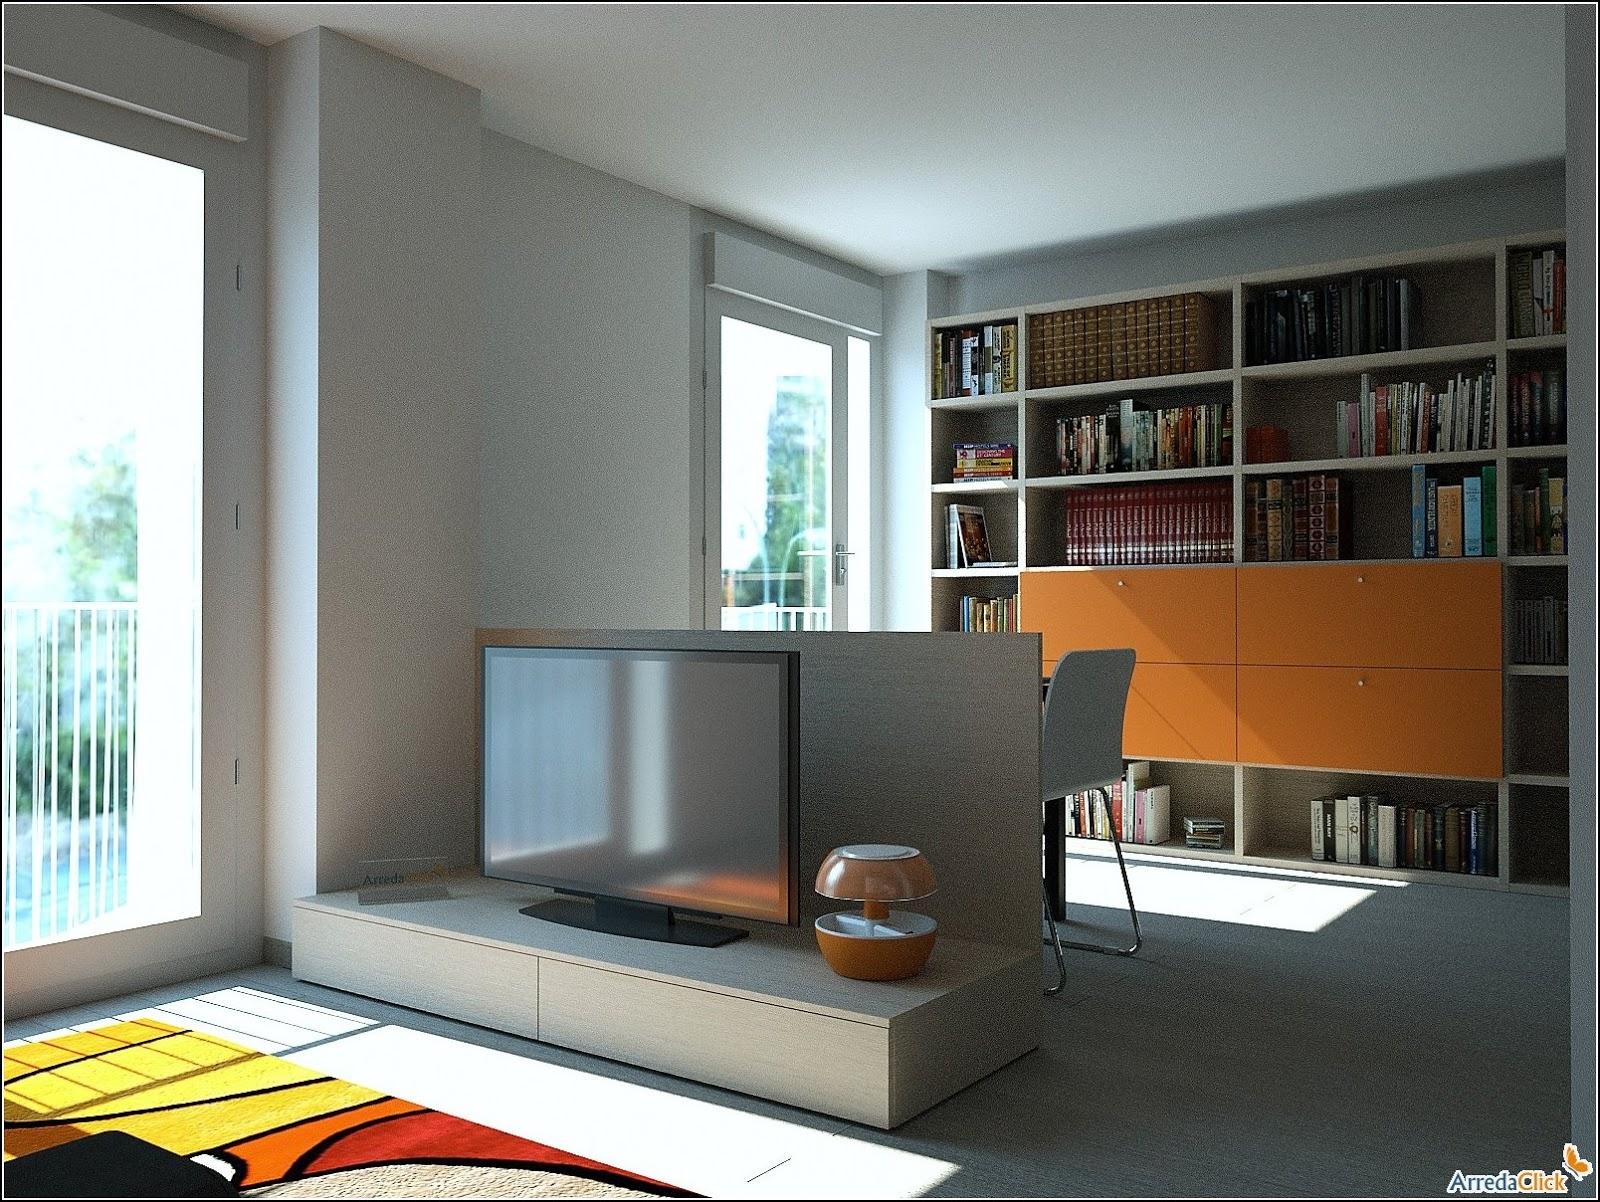 Arredaclick muebles italianos online amueblar for Muebles italianos online